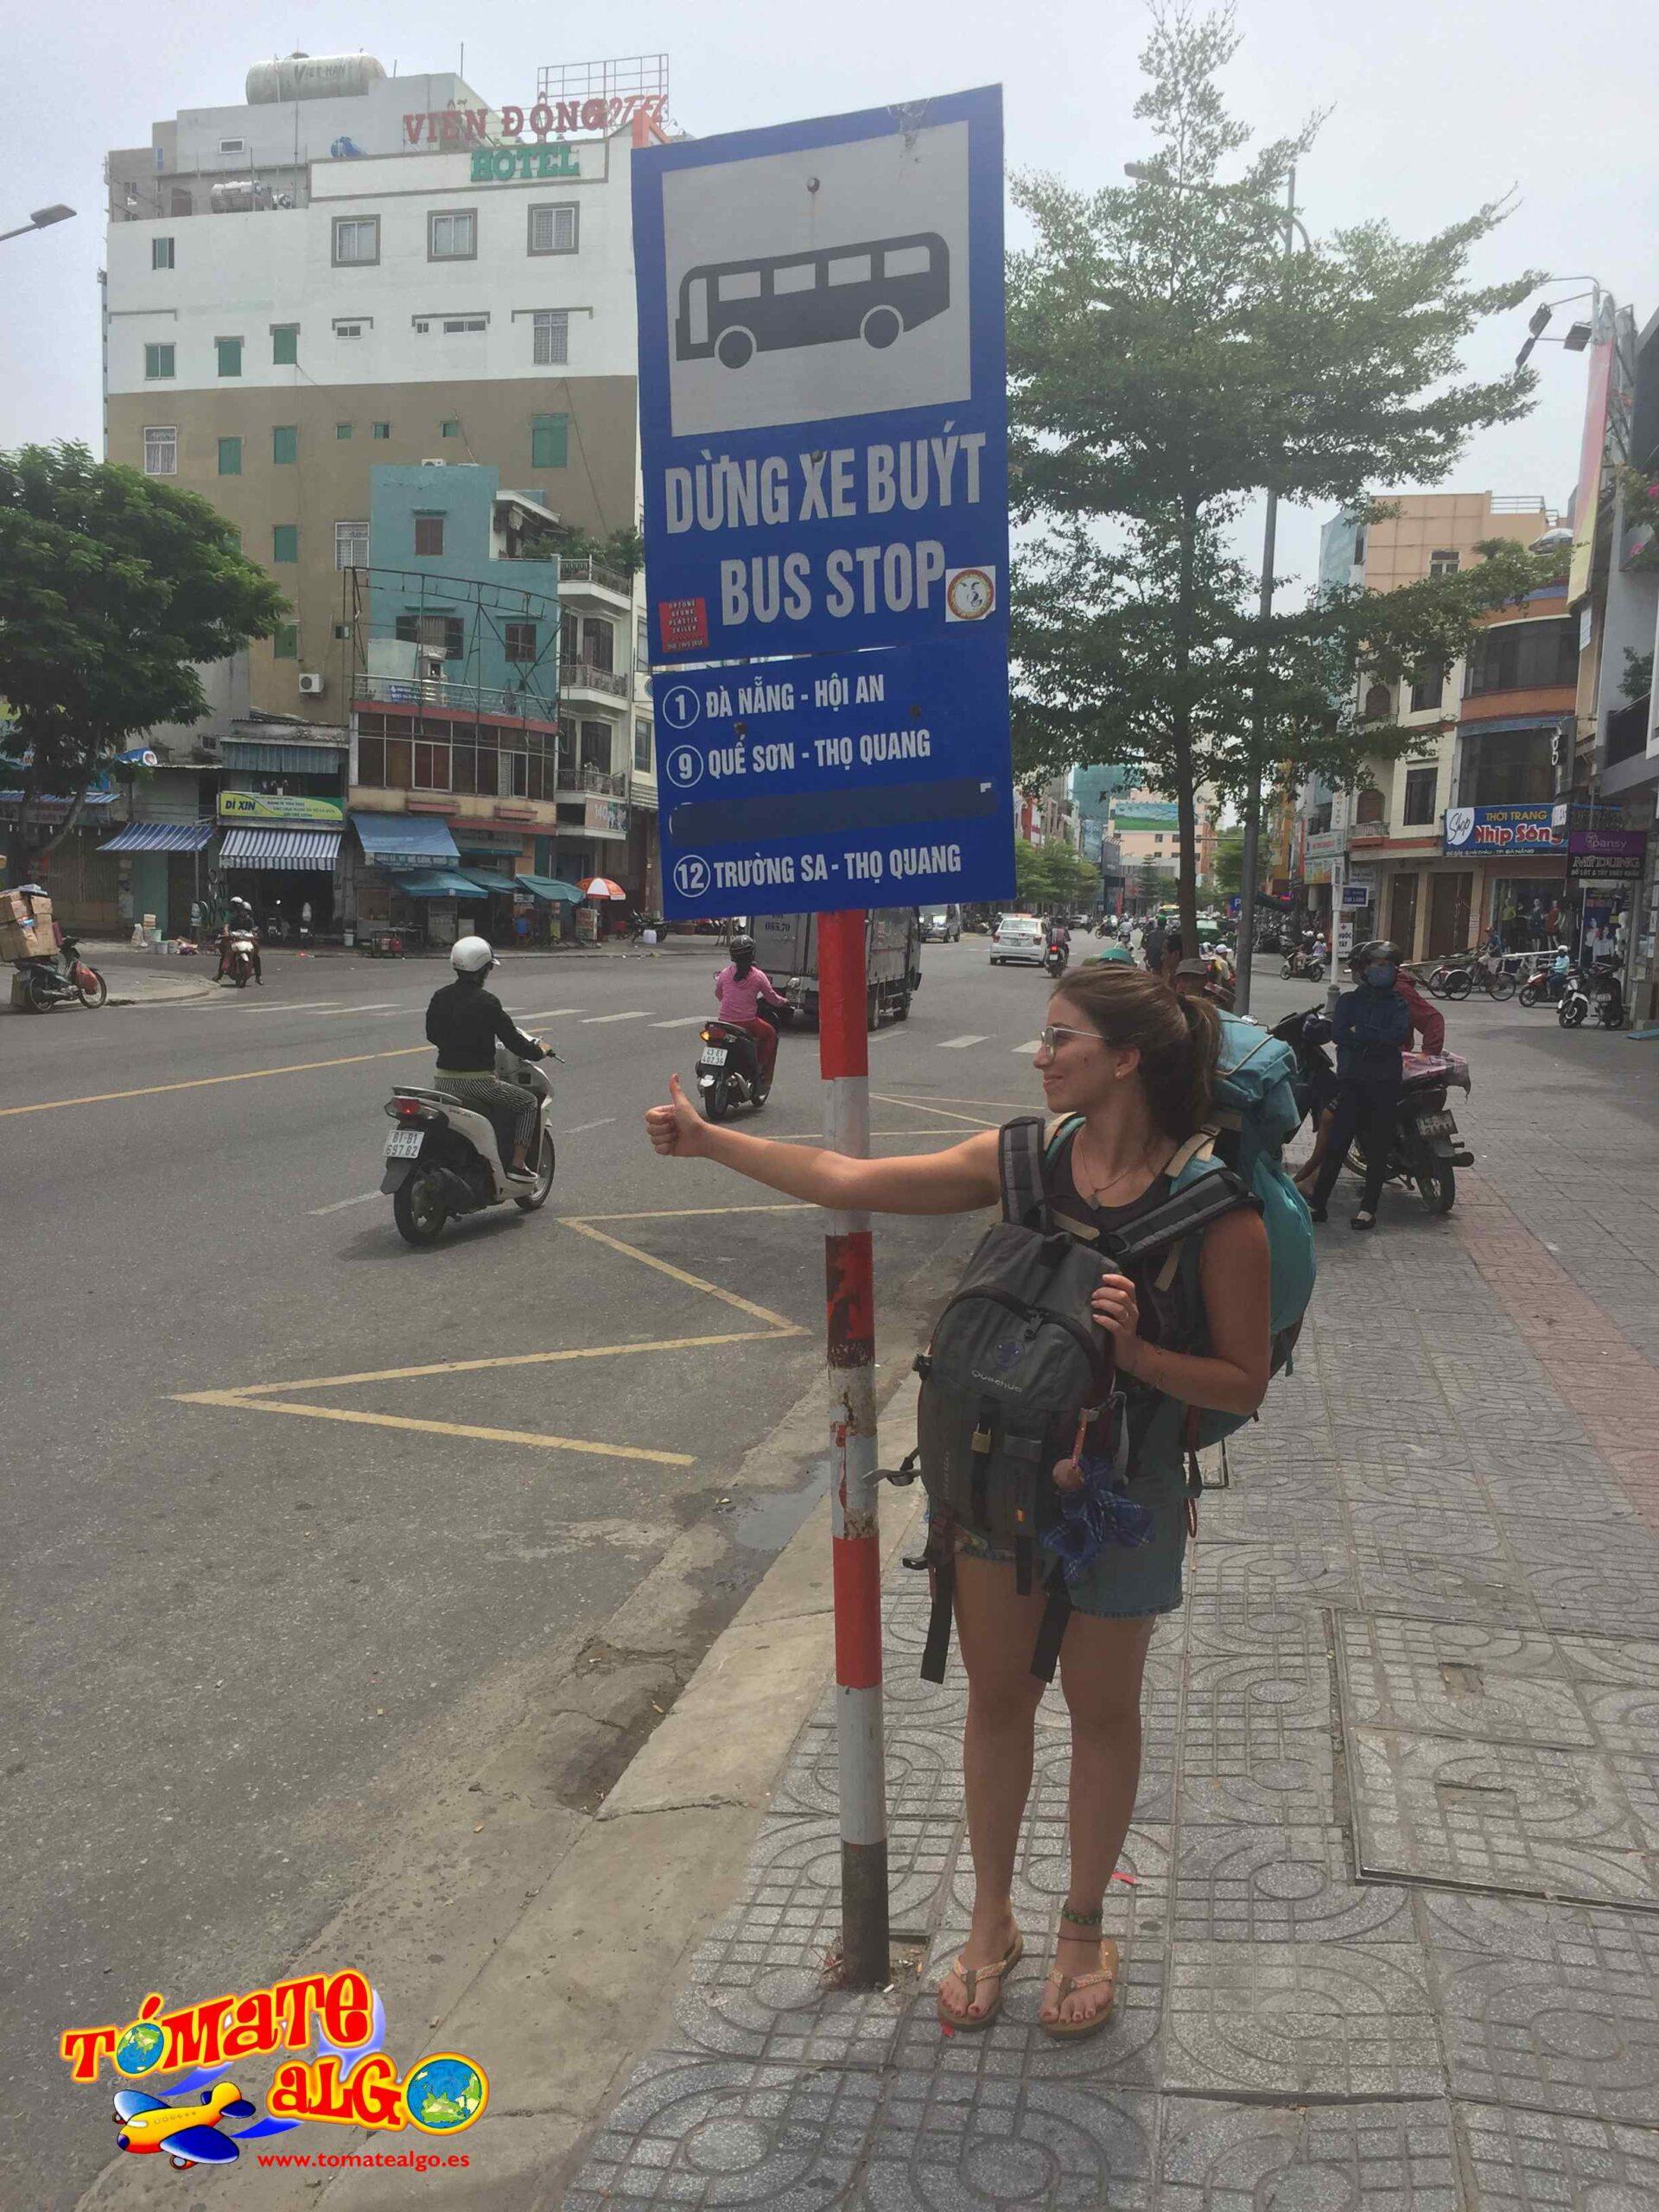 Ana esperando el bus desde Da Nang hacia Hoi An